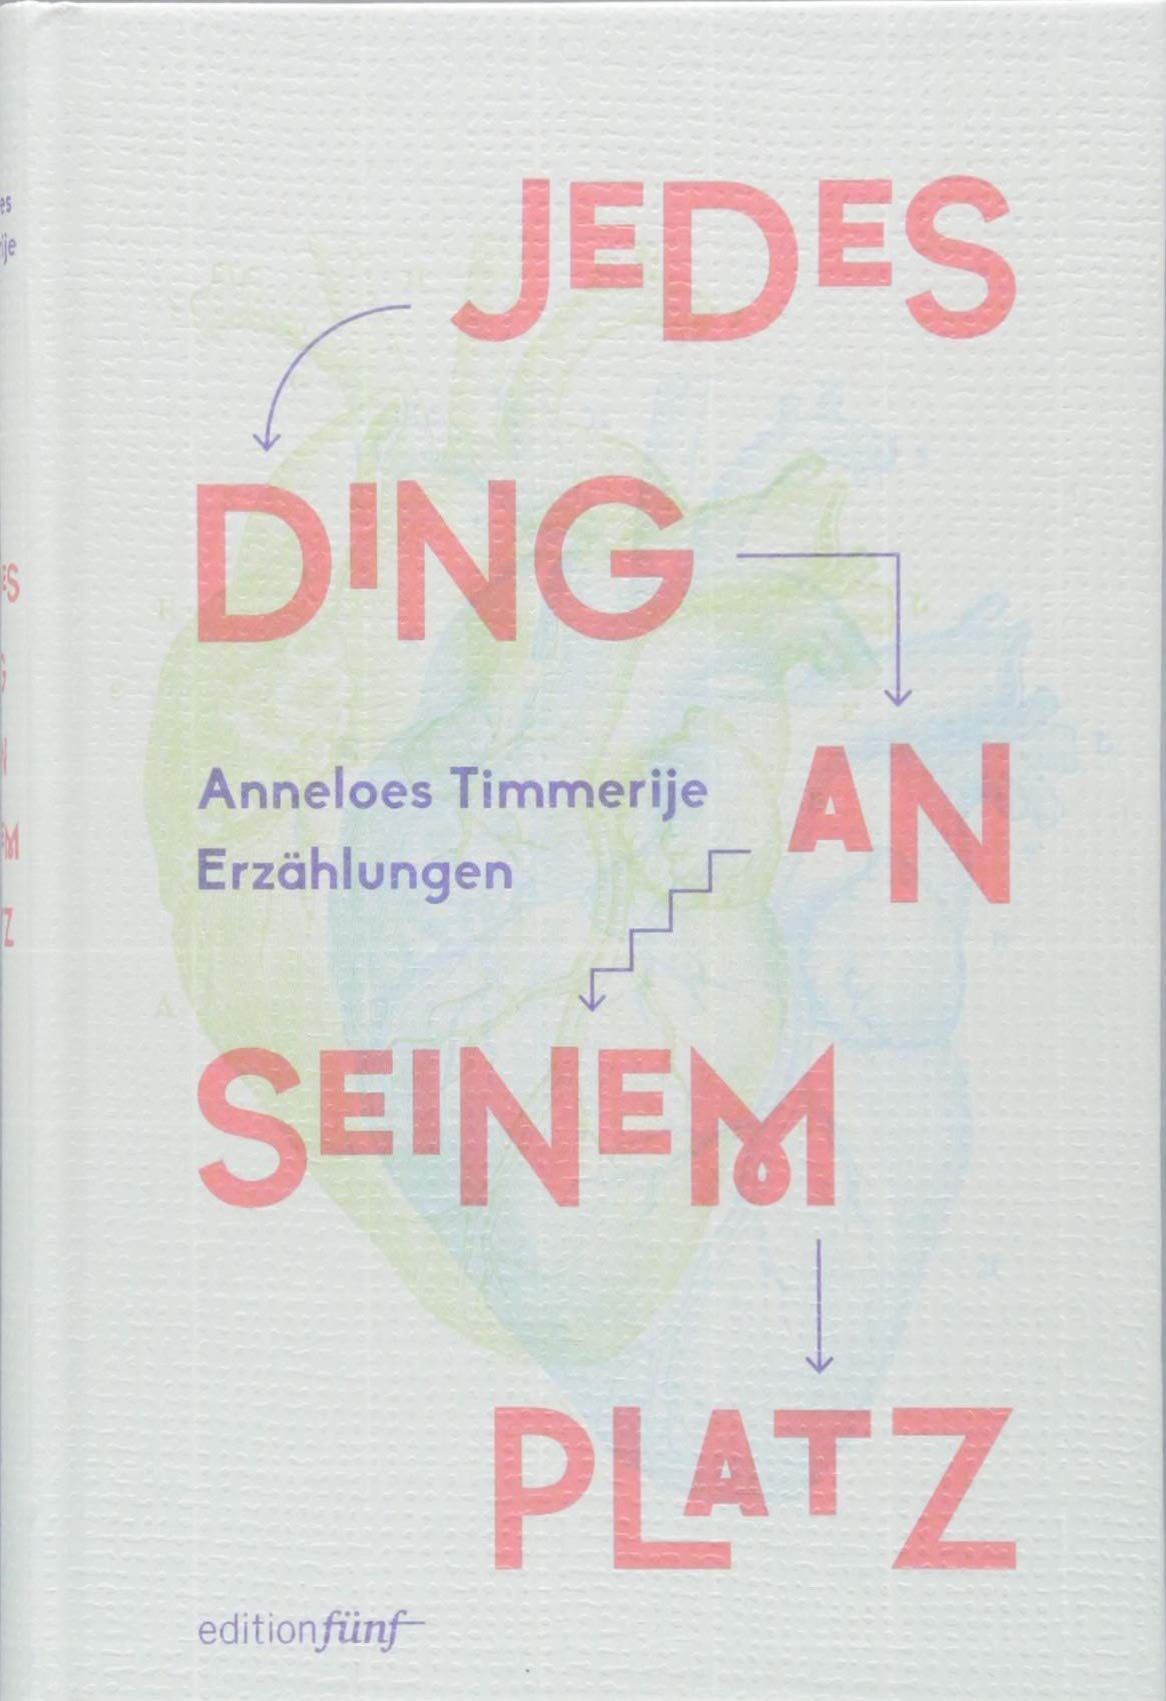 Jedes Ding an seinem Platz: Erzählungen: : Anneloes